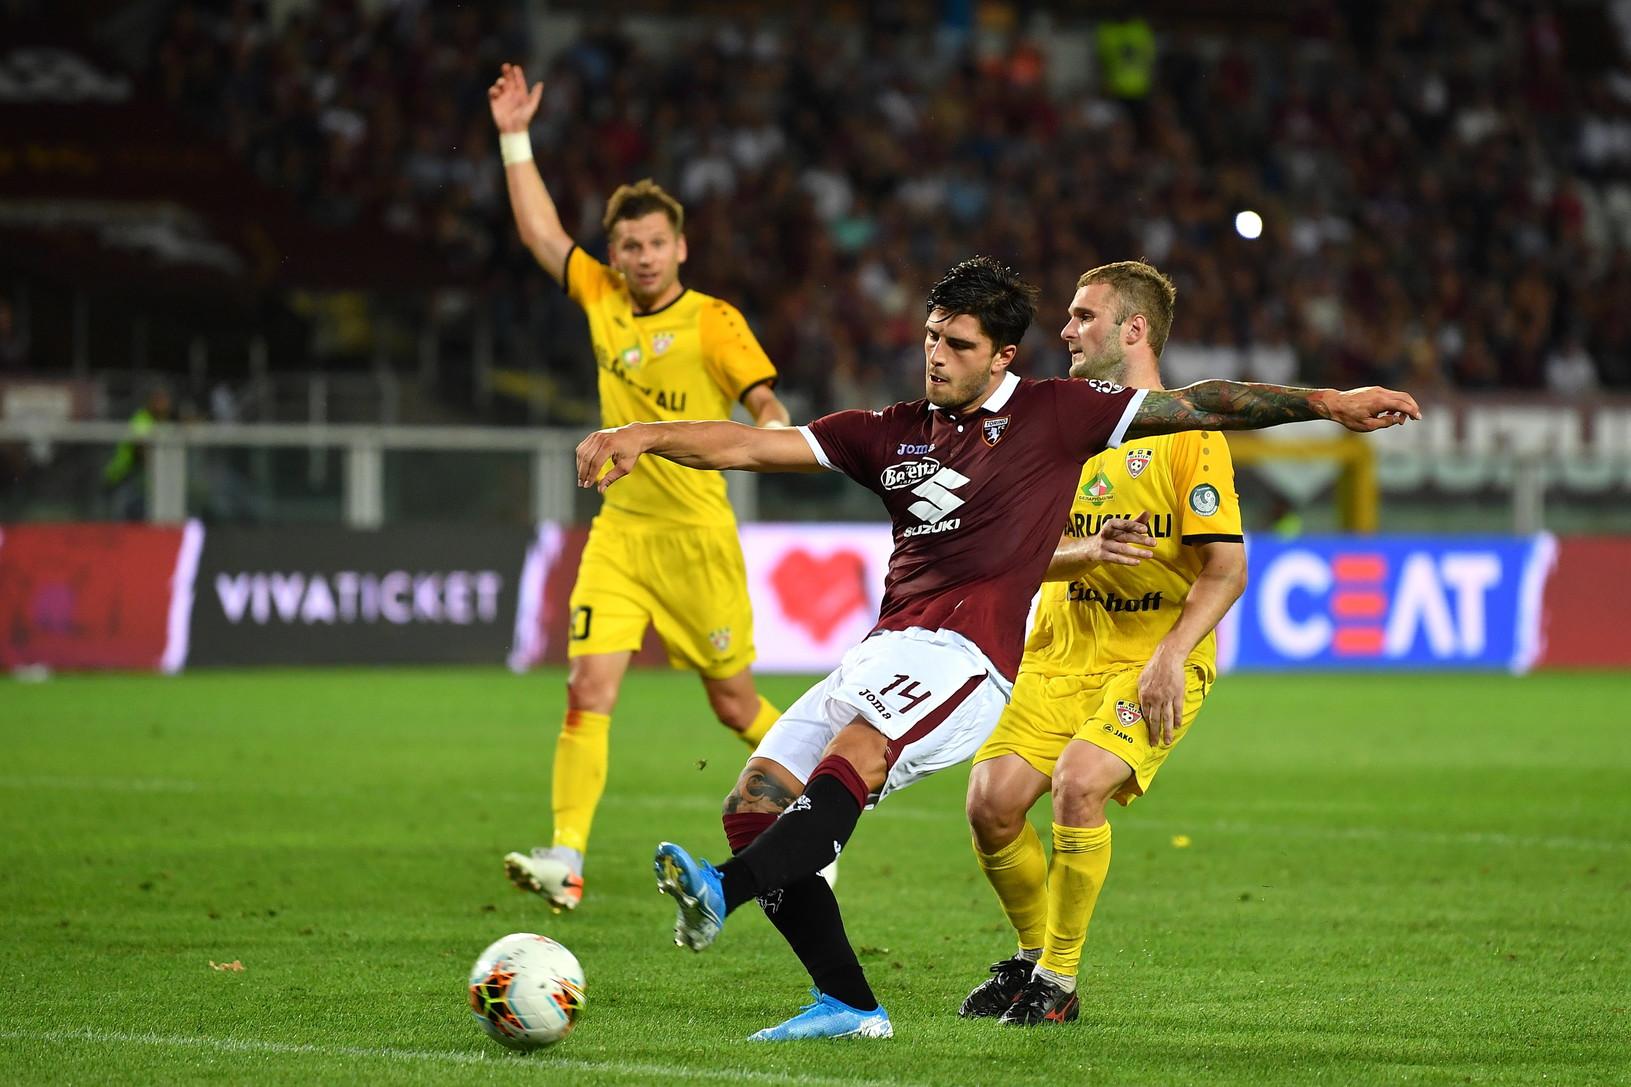 Kevin Bonifazi, difensore del Torino, rientrato dal prestito alla Spal: dovrebbe andare in panchina contro il Sassuolo, è in ballottaggio con Bremer